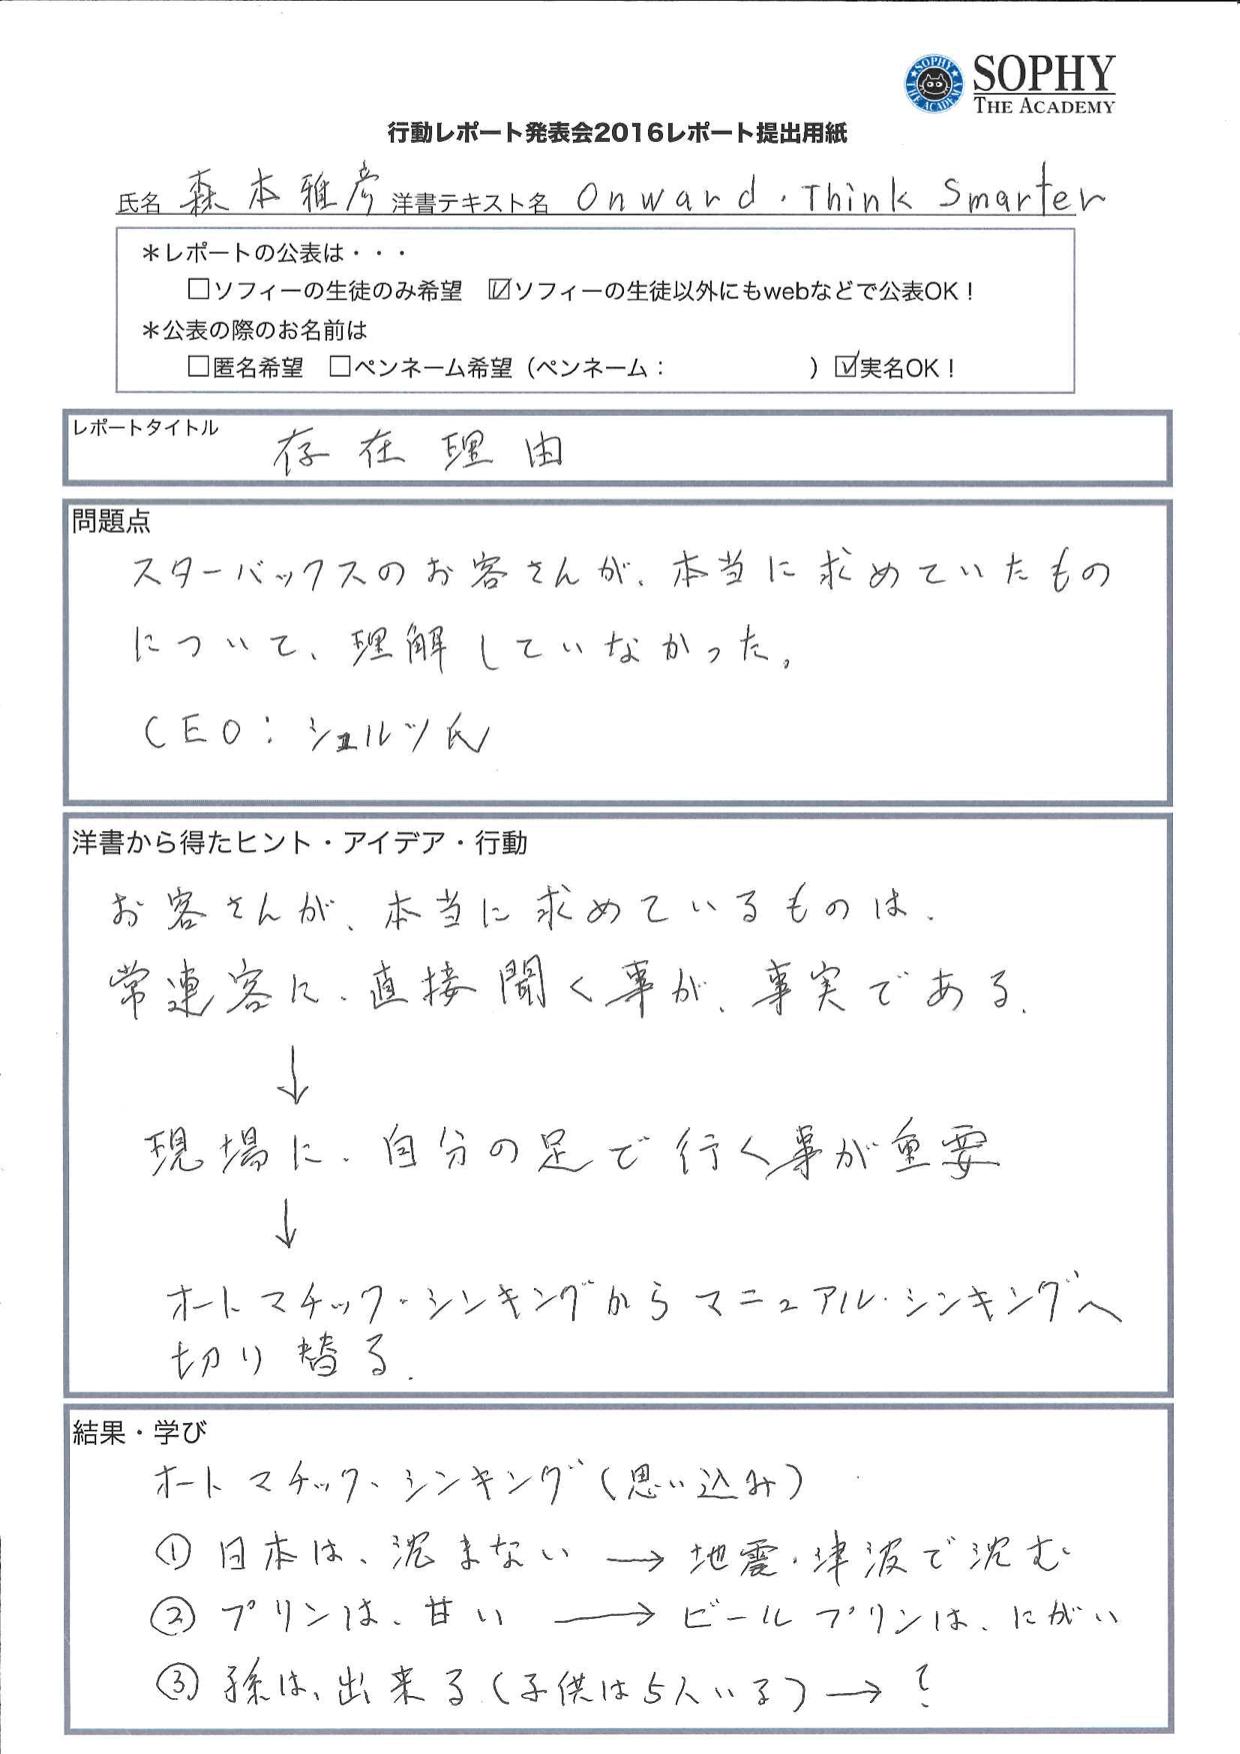 1612report_1409005_Morimoto_Masahiko